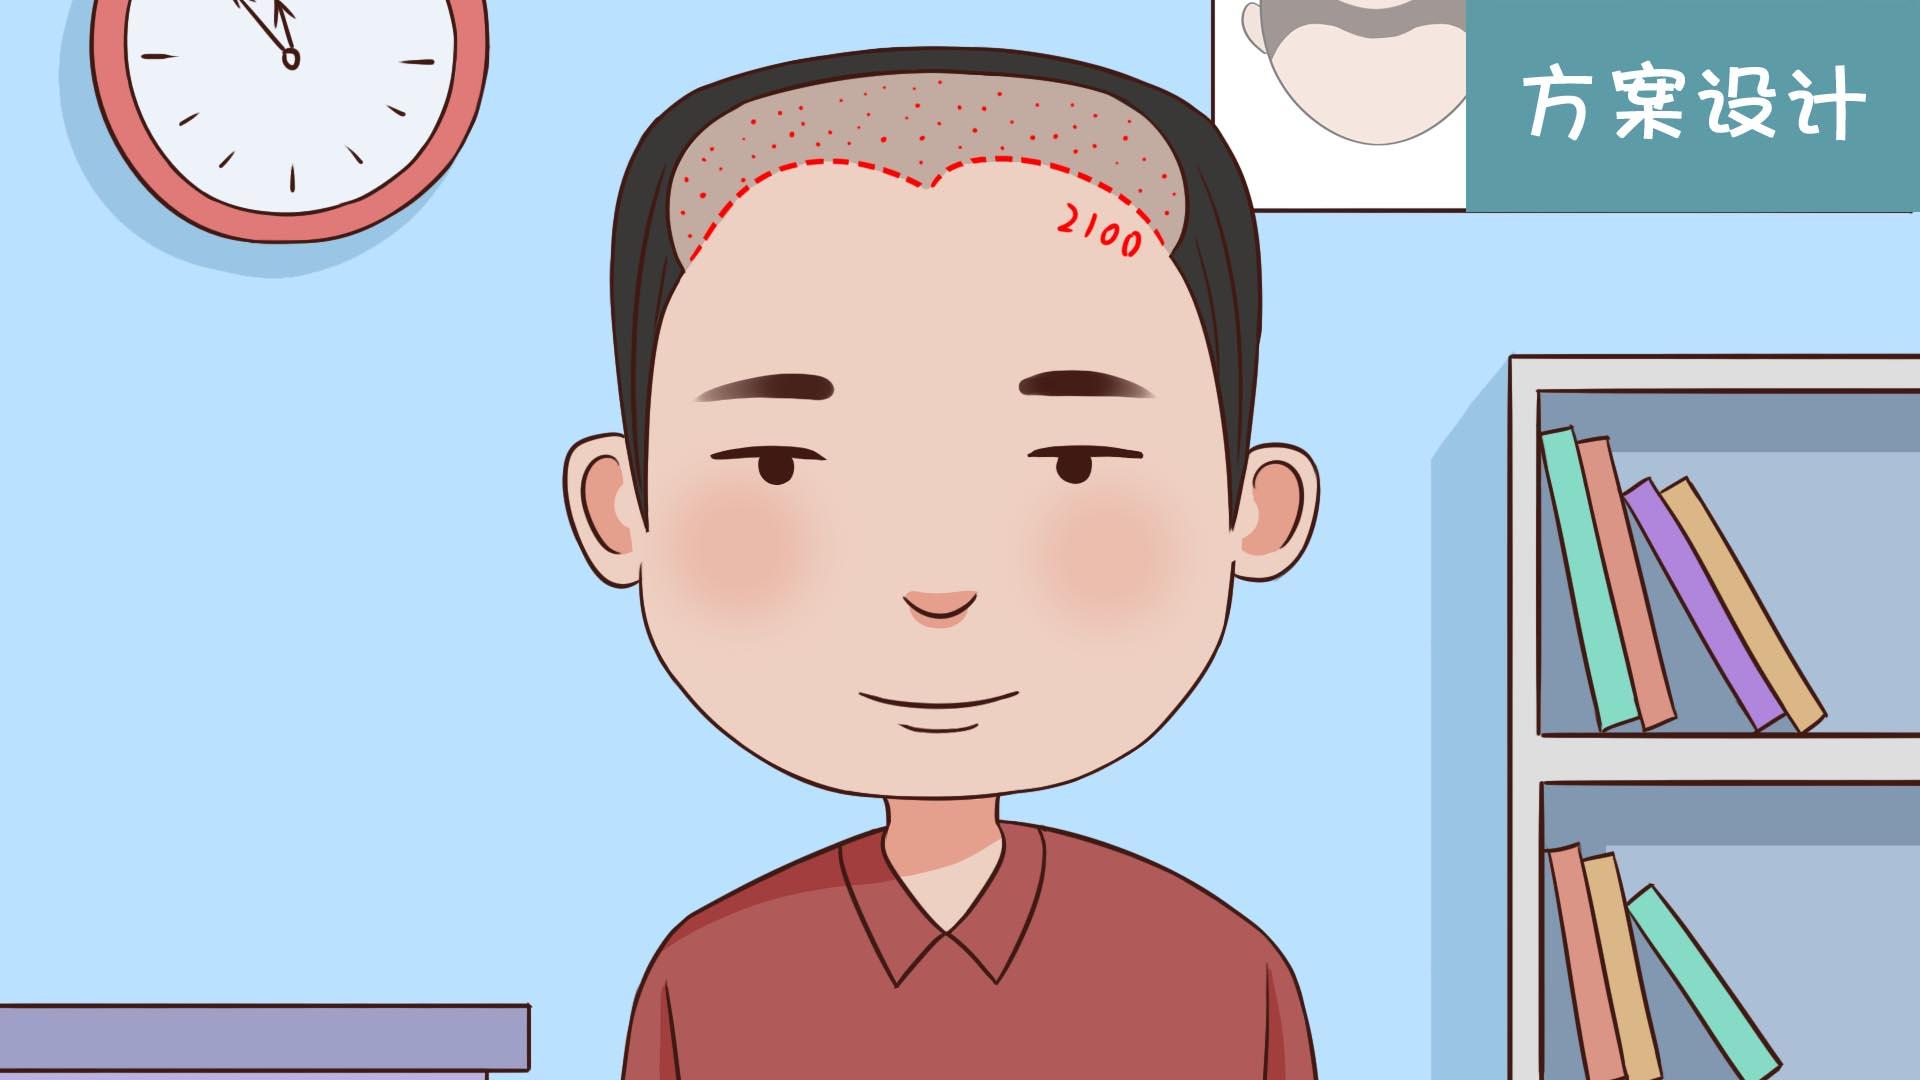 做头发种植有限制年龄吗?